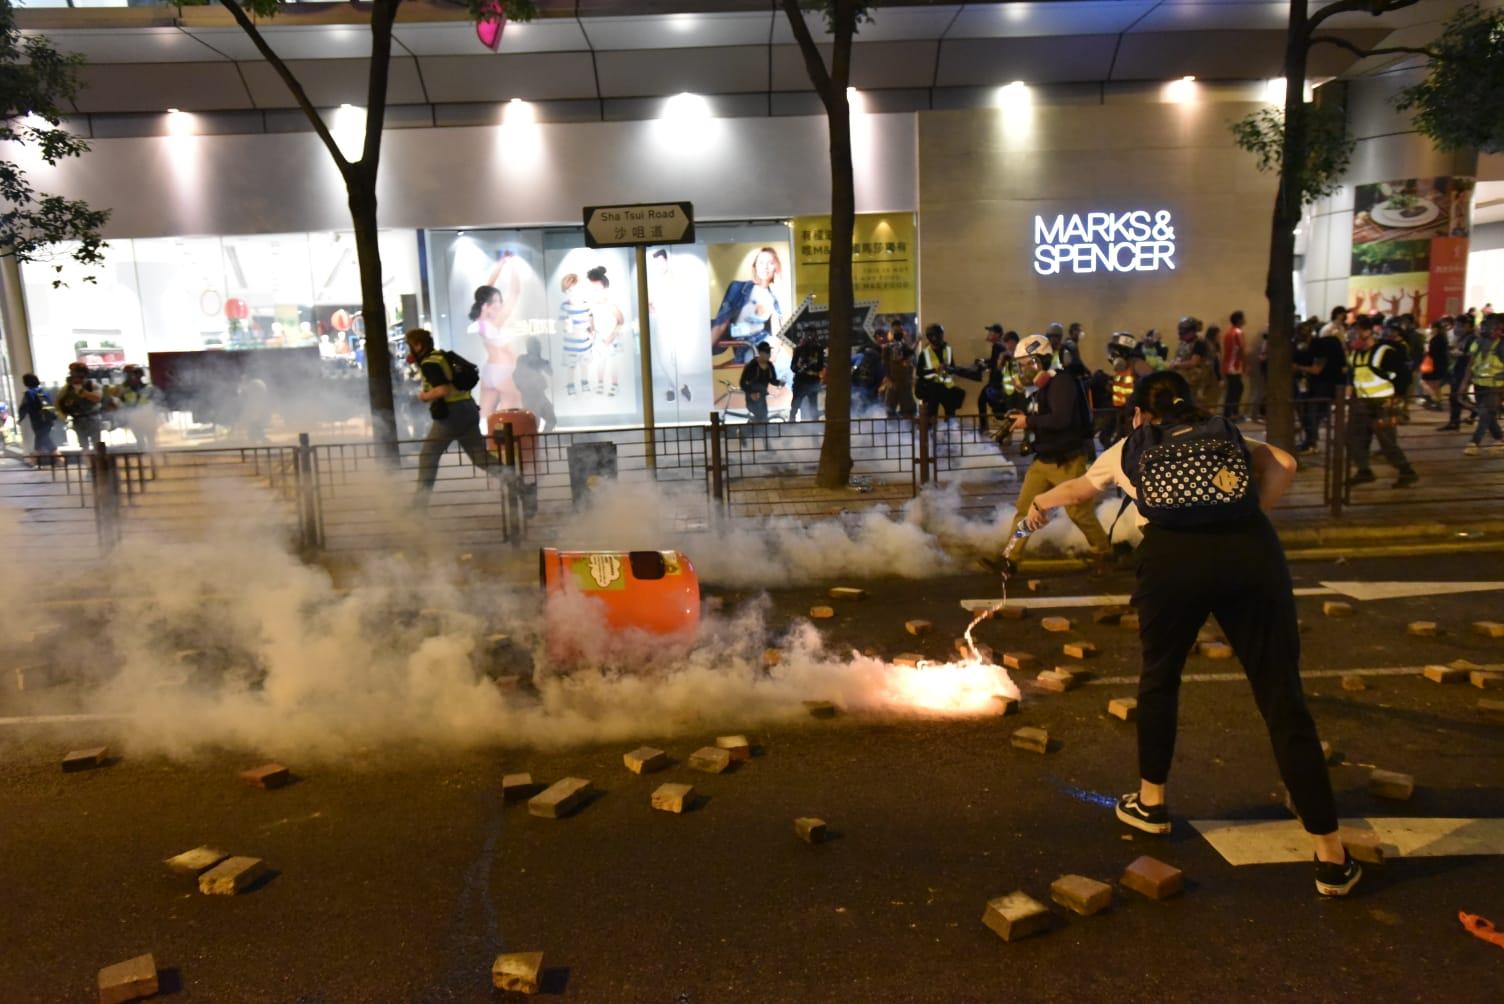 政府谴责捣乱抢犯行为无法无天 斥罔顾市民安全及权利